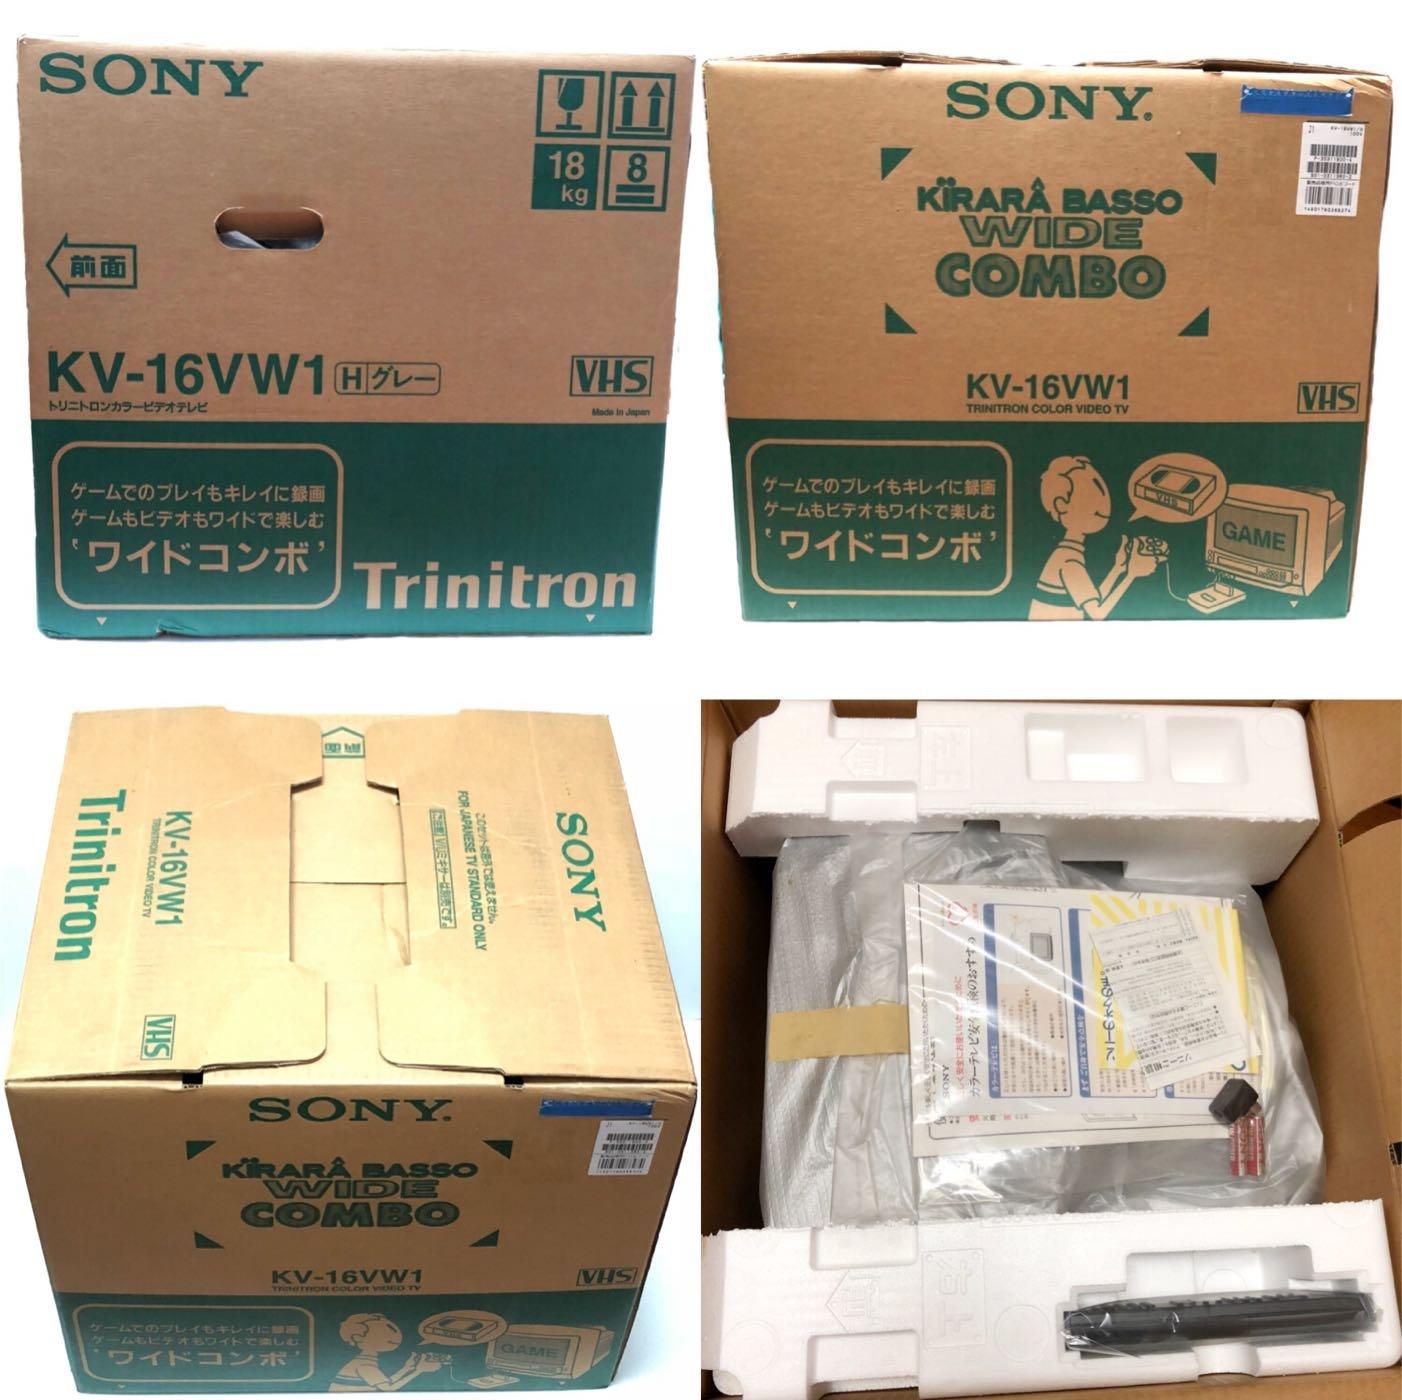 Sony WIDE COMBO KV-16VW1 16吋 CRT Trinitron 特霓虹映象管  寬螢幕 、內建錄影機電視 傳統電視 全新品